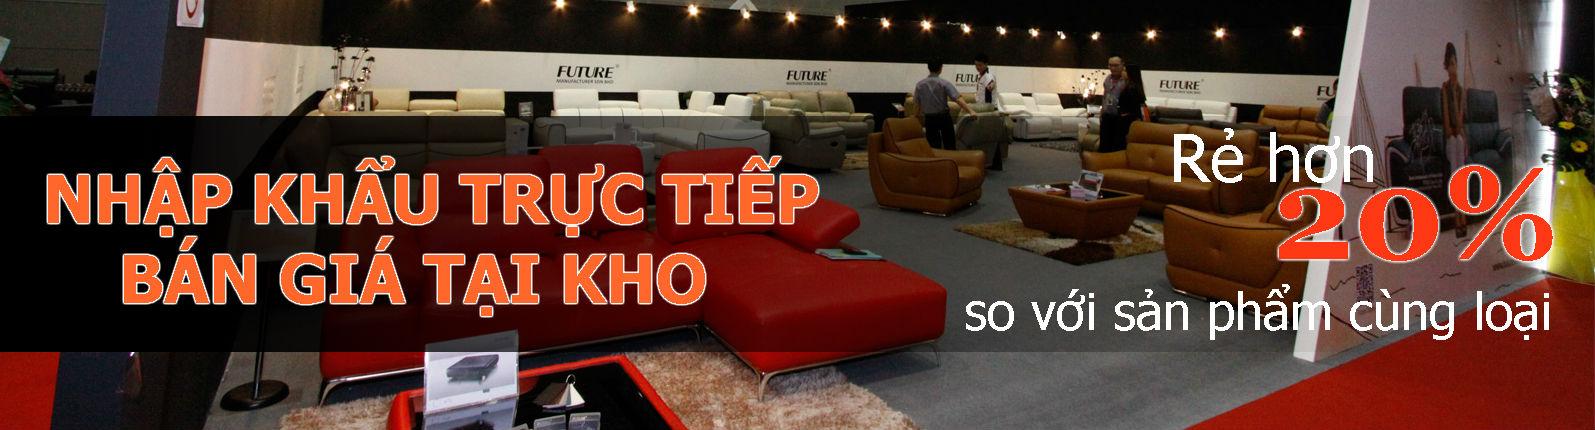 Sofa băng da Future Model 7035 siêu khuyến mại 40% saigonsofa.com